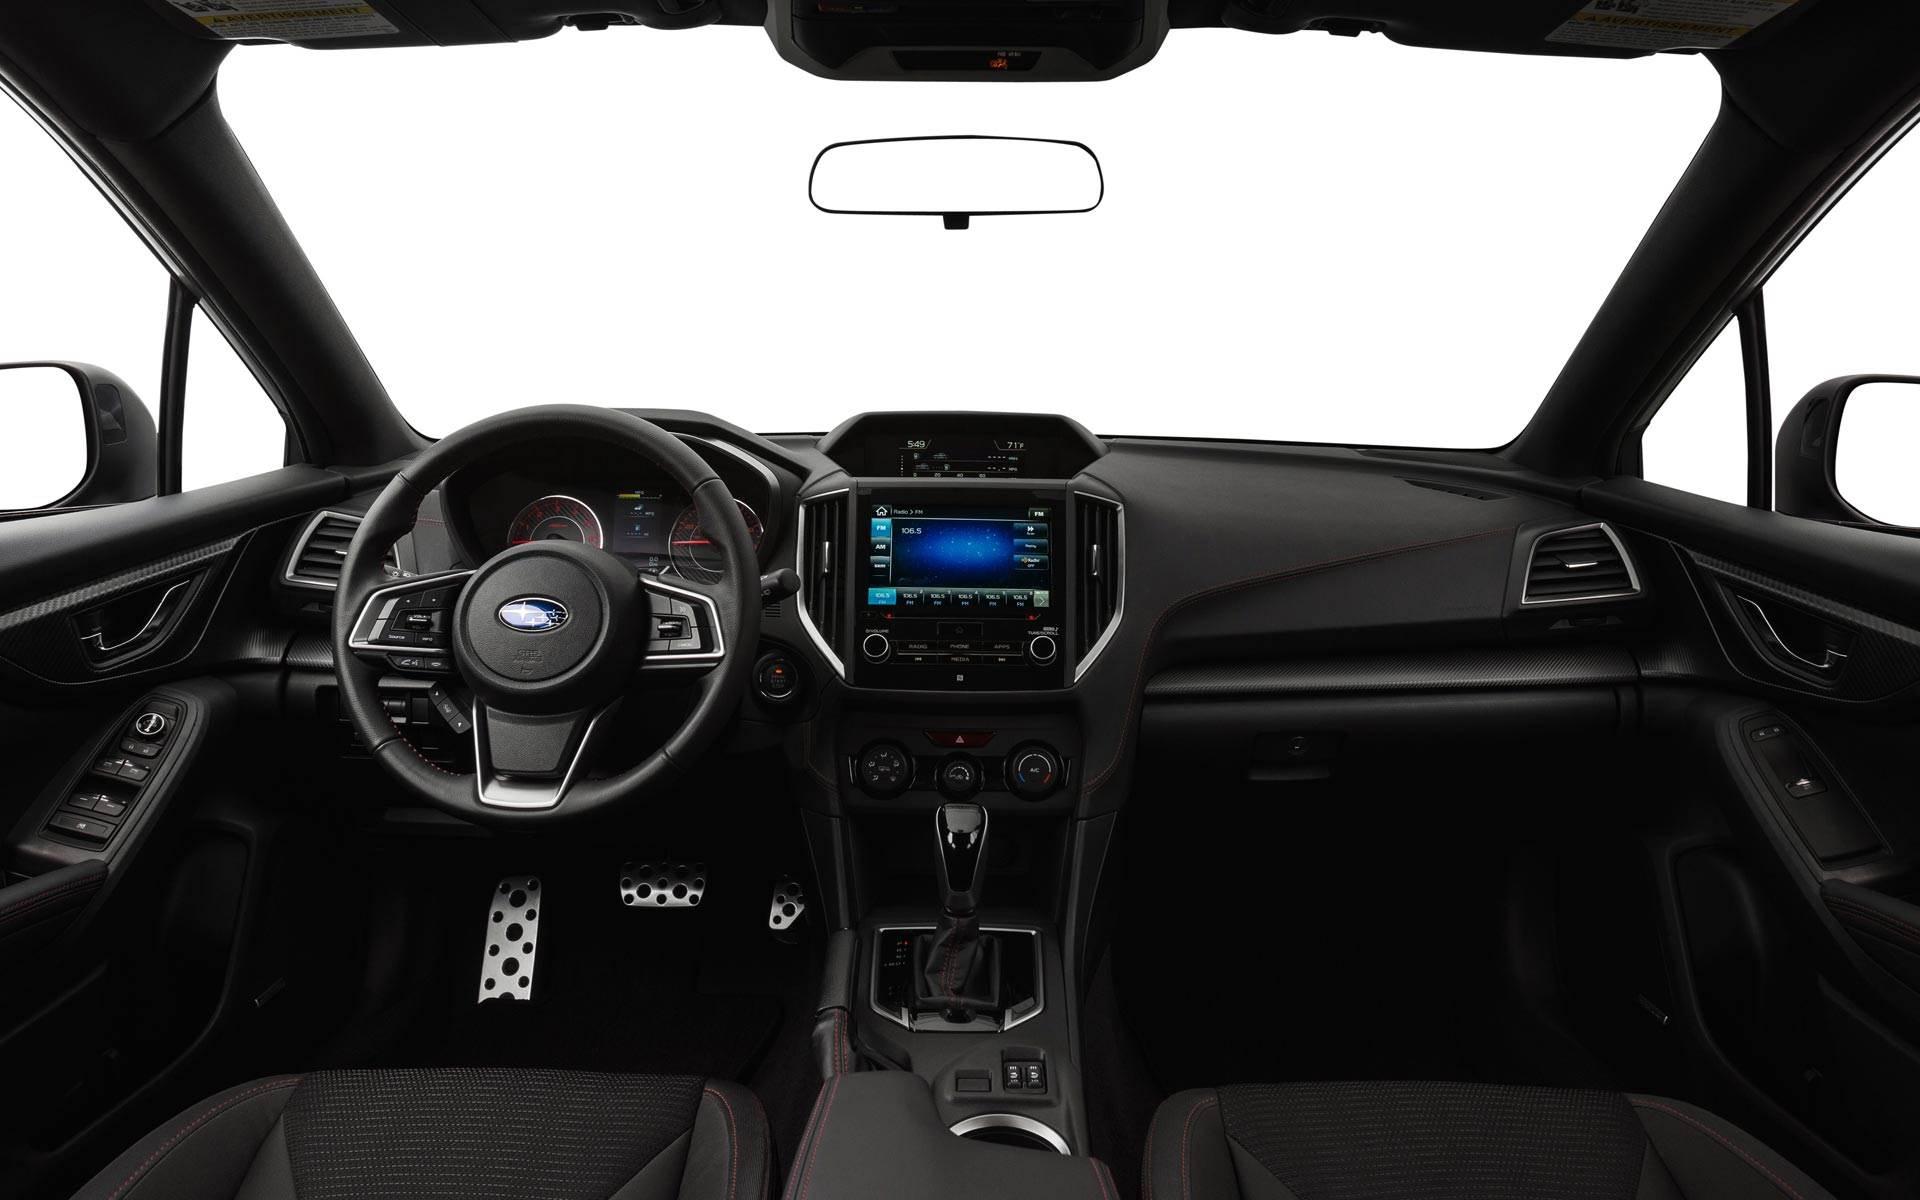 2018 Subaru Impreza Bergen County NJ